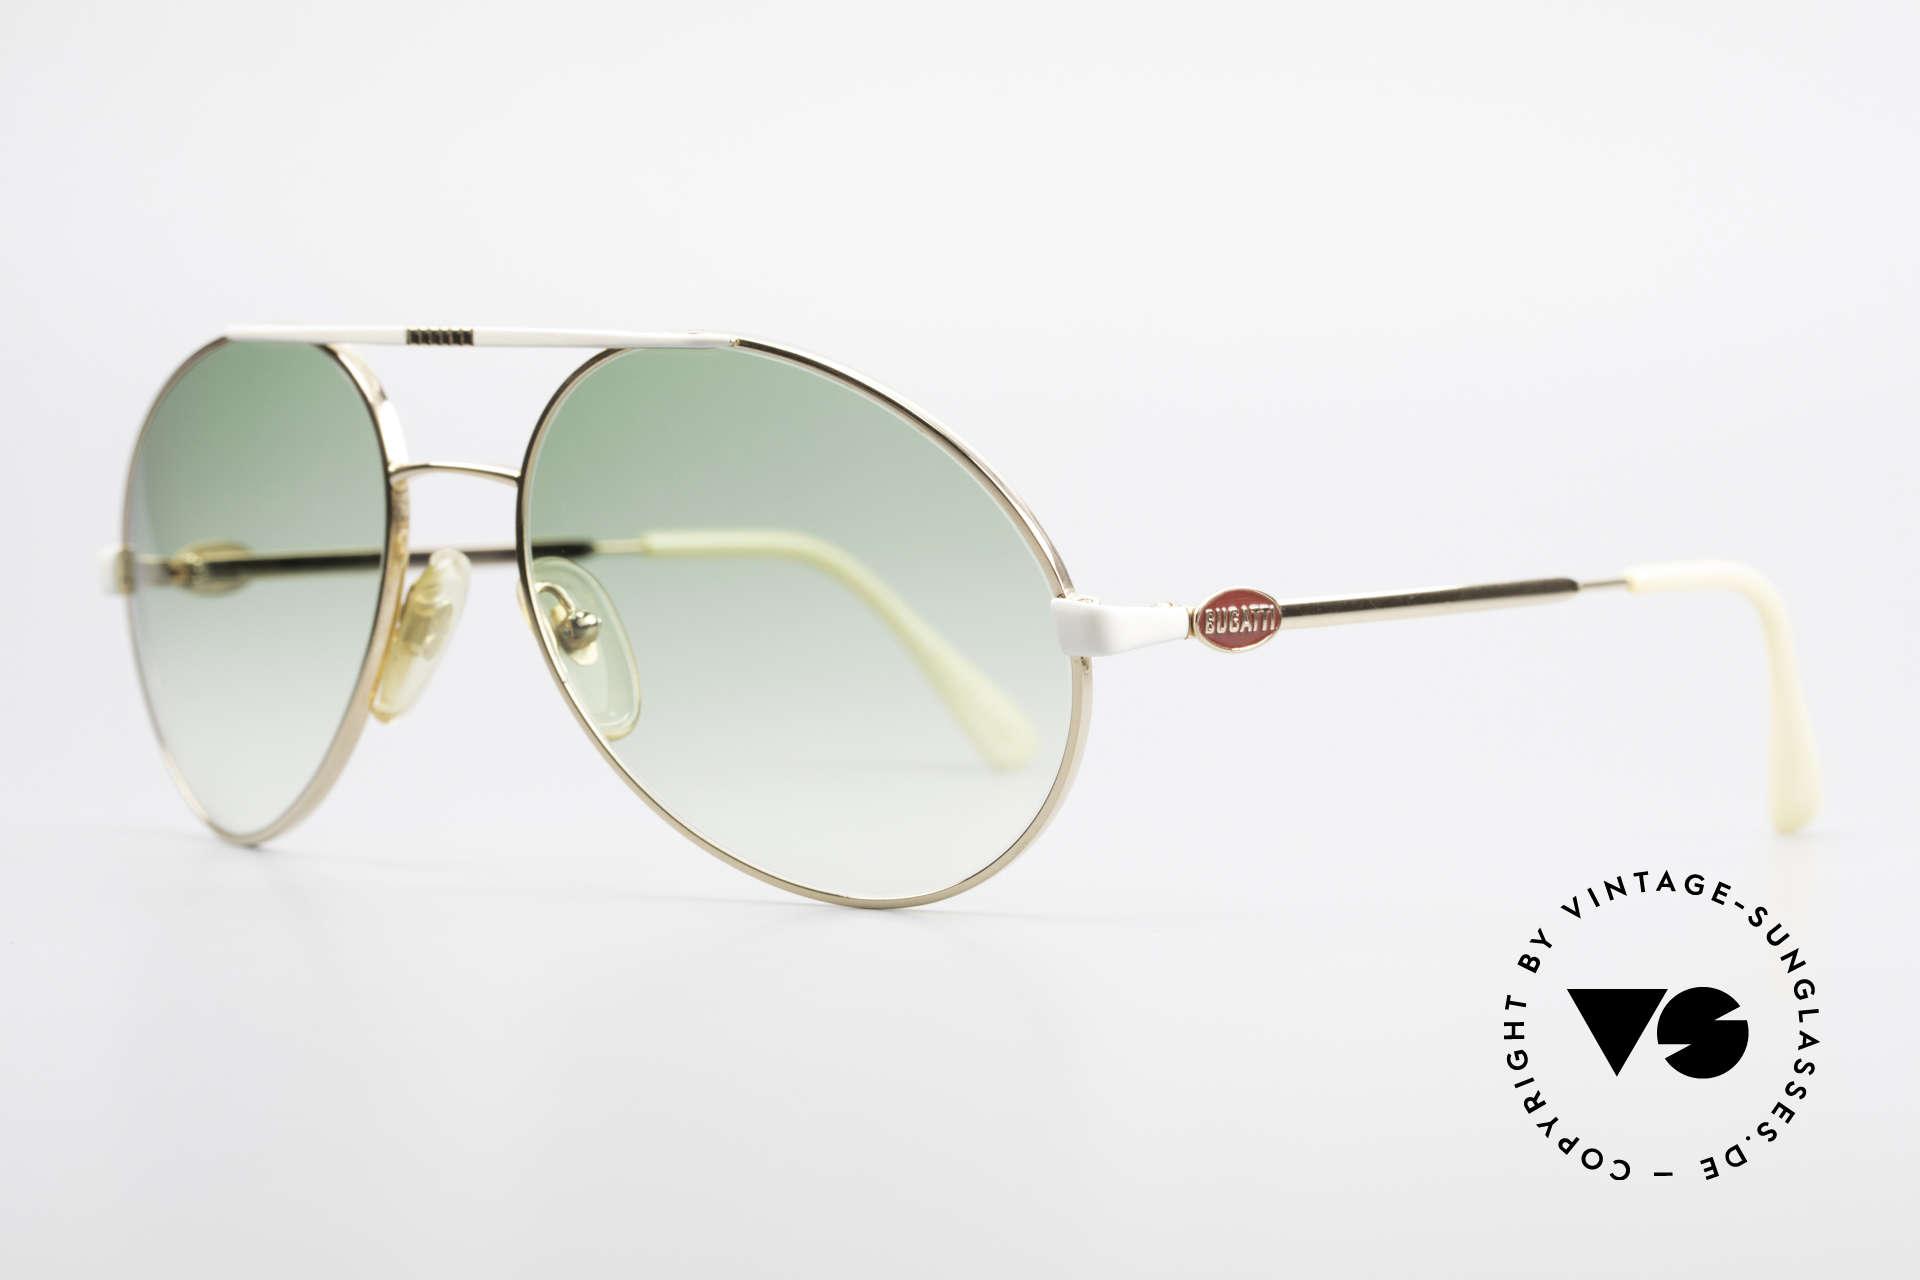 Bugatti 64319 Original 80er Sonnenbrille, eine Luxus-Sonnenbrille in LARGE-Größe (140mm), Passend für Herren